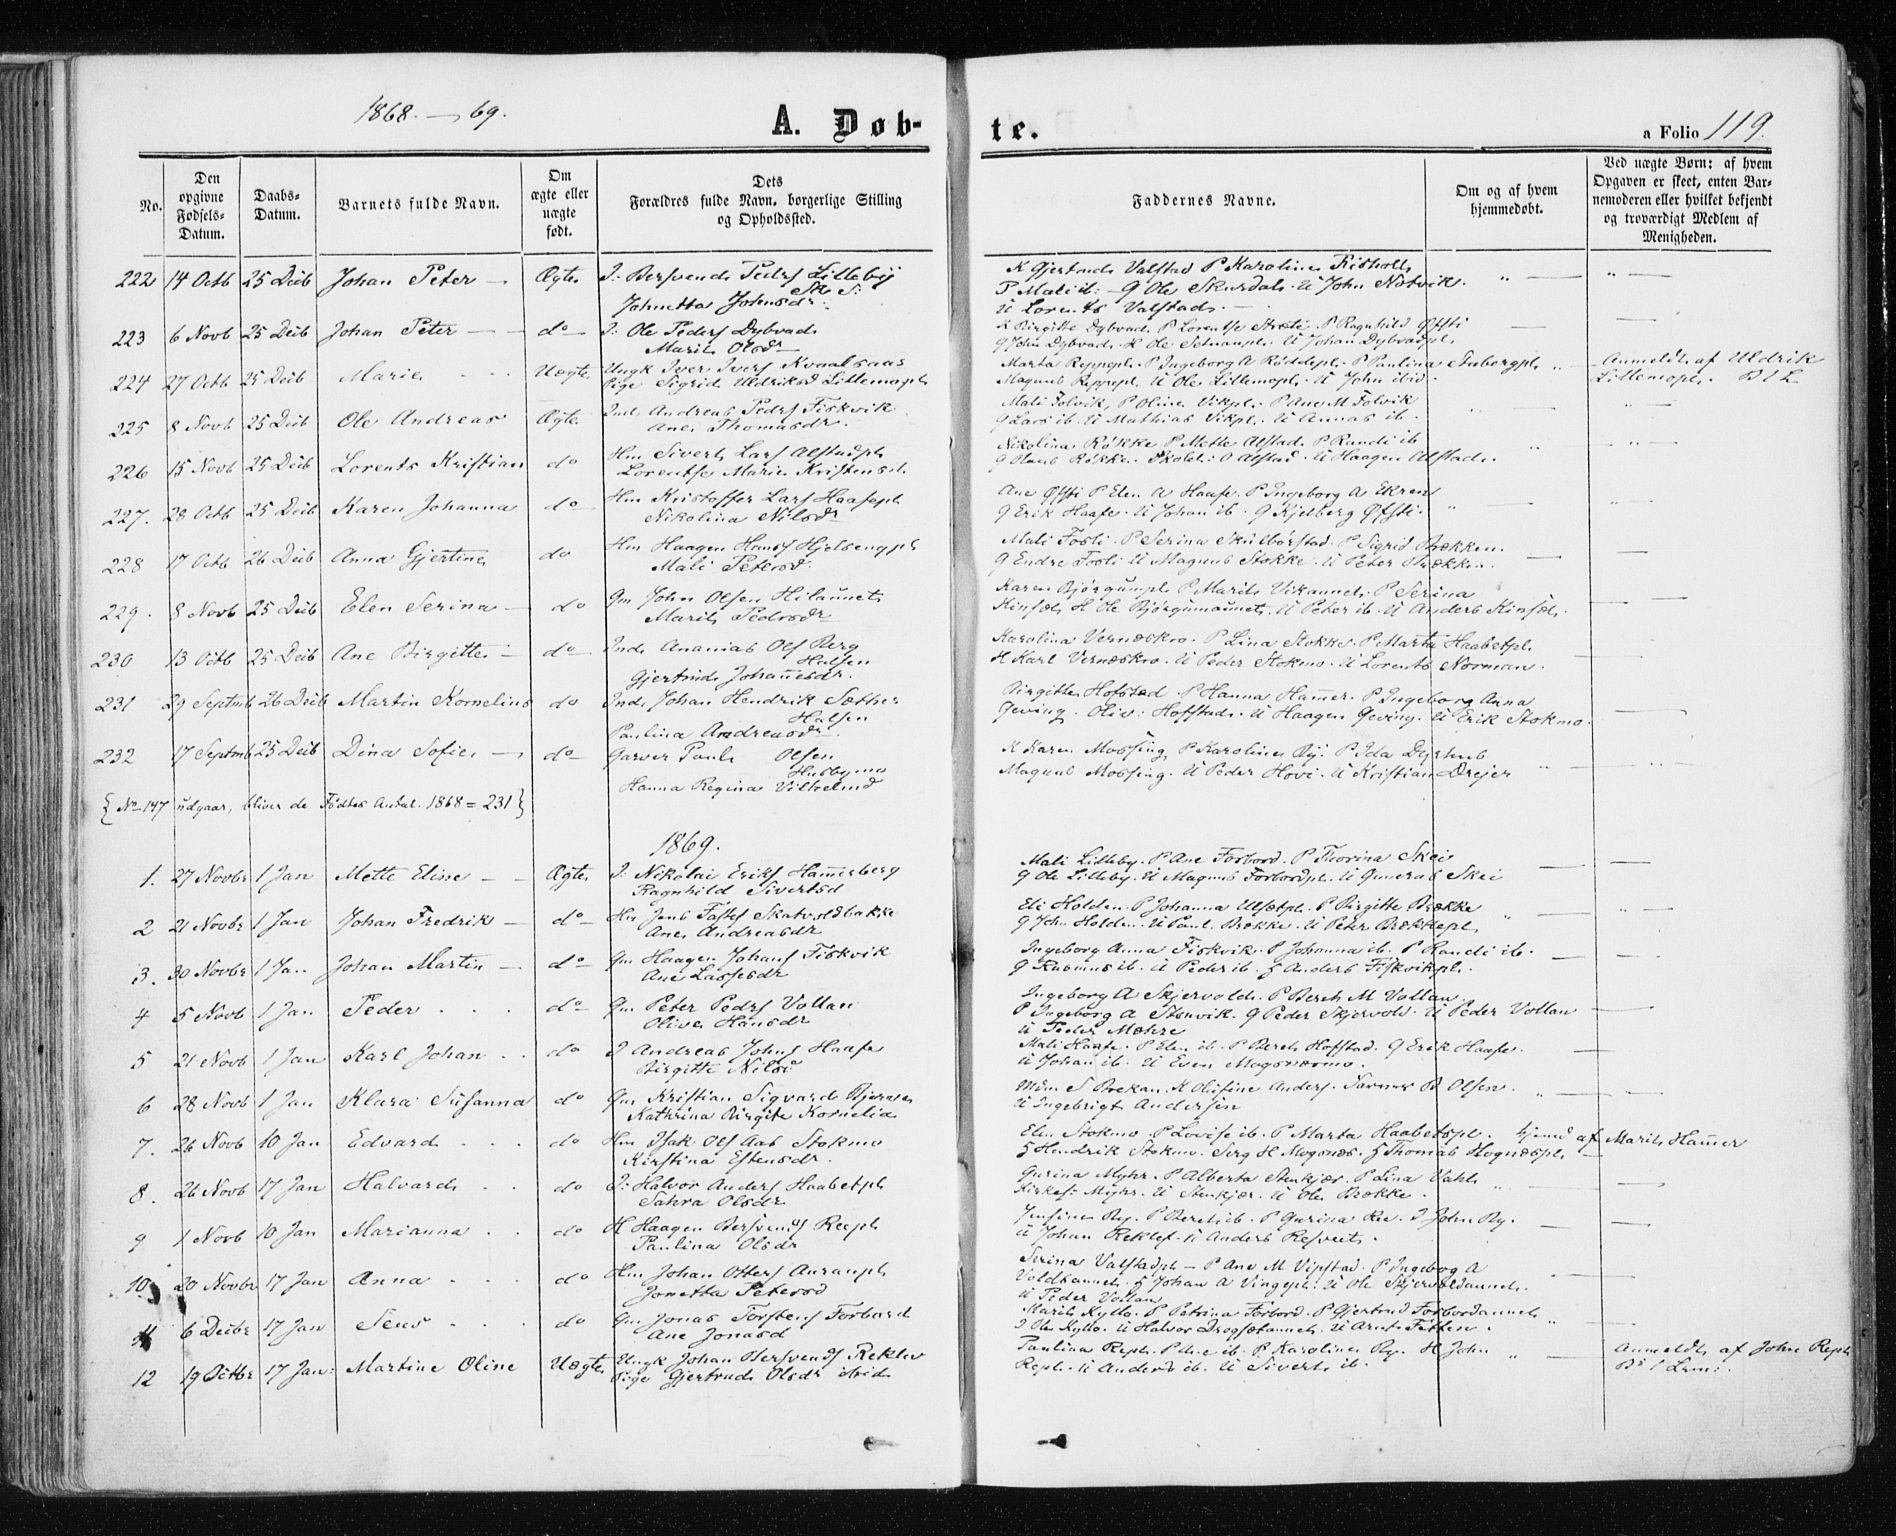 SAT, Ministerialprotokoller, klokkerbøker og fødselsregistre - Nord-Trøndelag, 709/L0075: Ministerialbok nr. 709A15, 1859-1870, s. 119